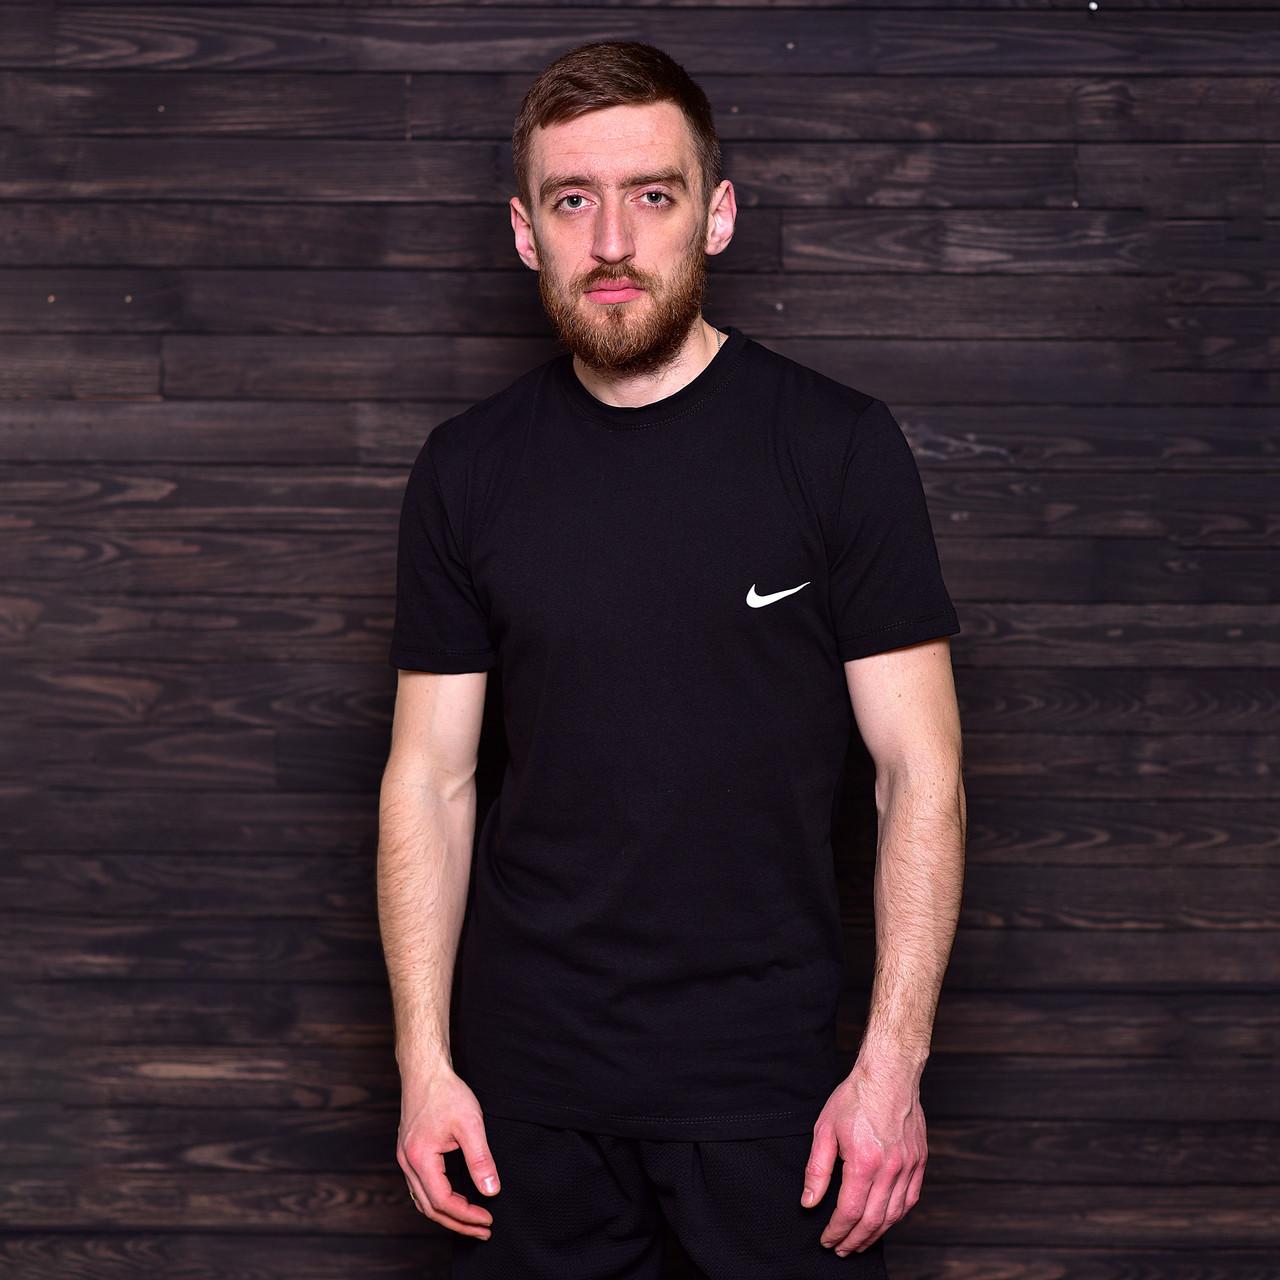 Чоловіча спортивна футболка Nike, чорного кольору